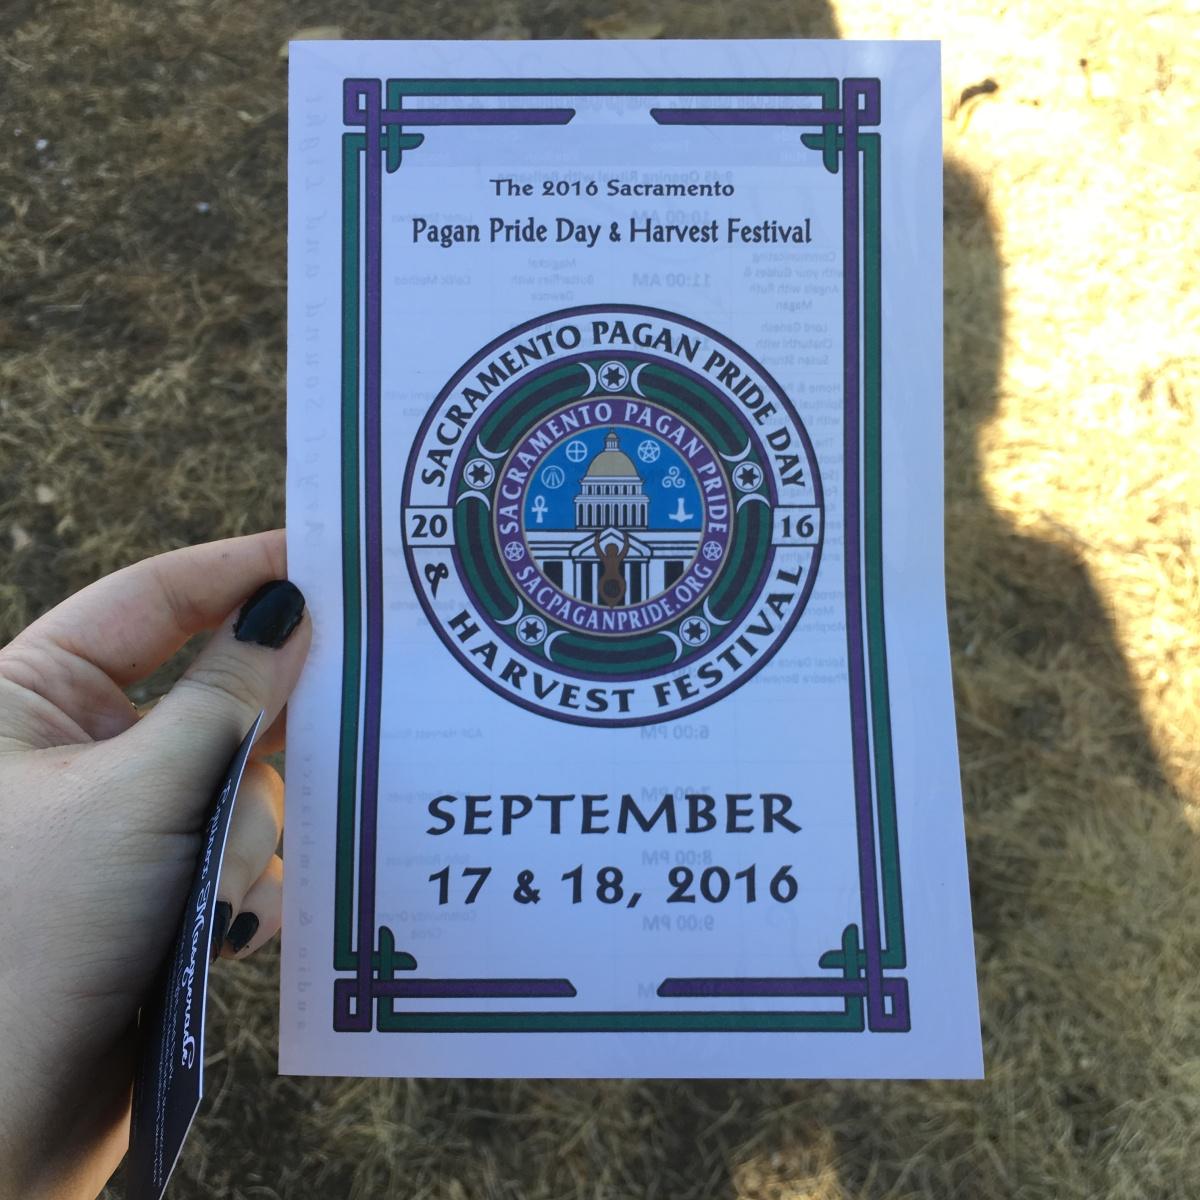 Sacramento Pagan Festival (2016)